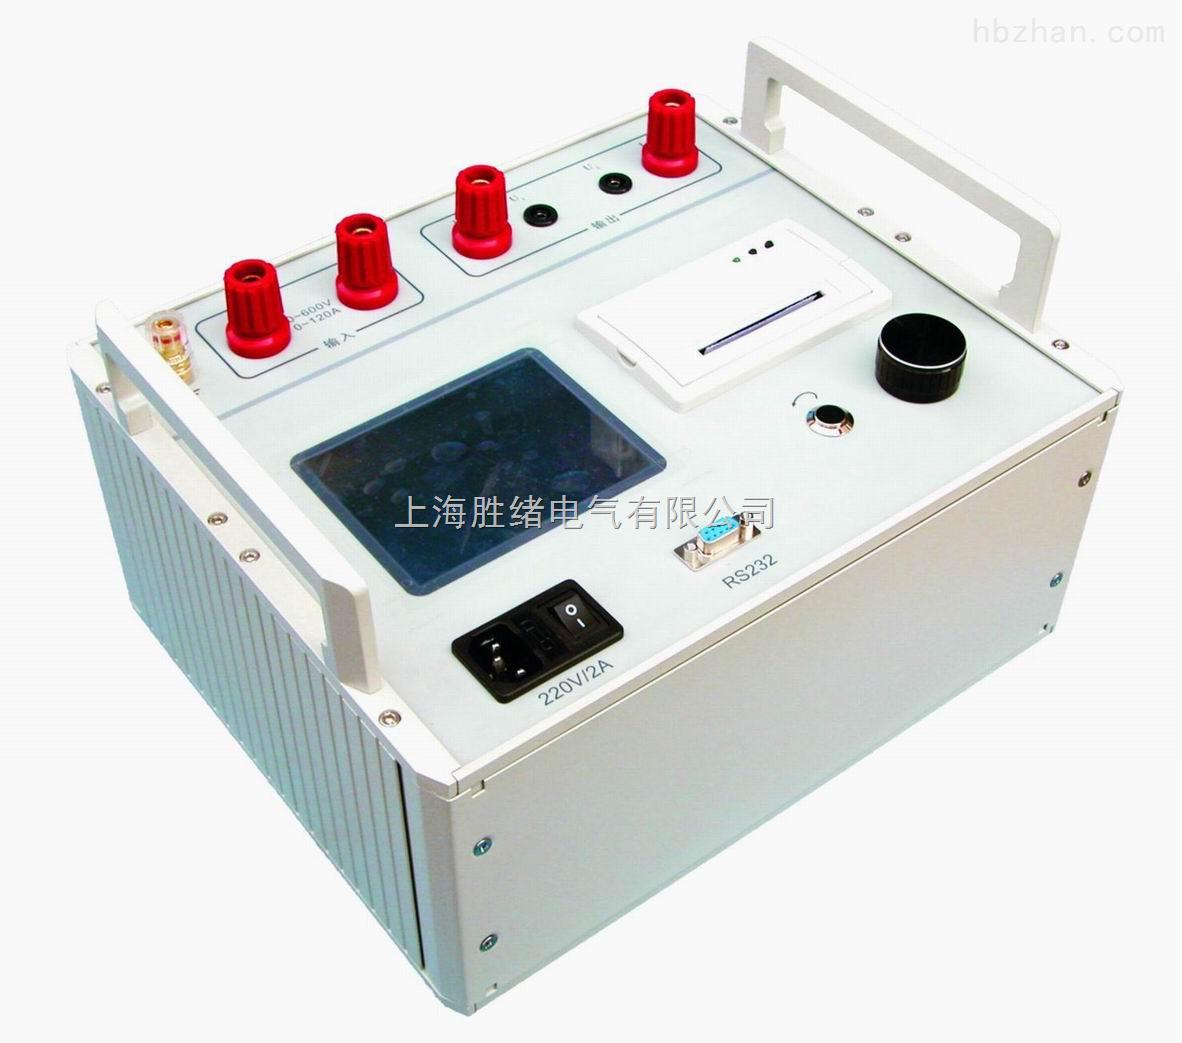 交流阻抗测试仪//交流阻抗测试仪